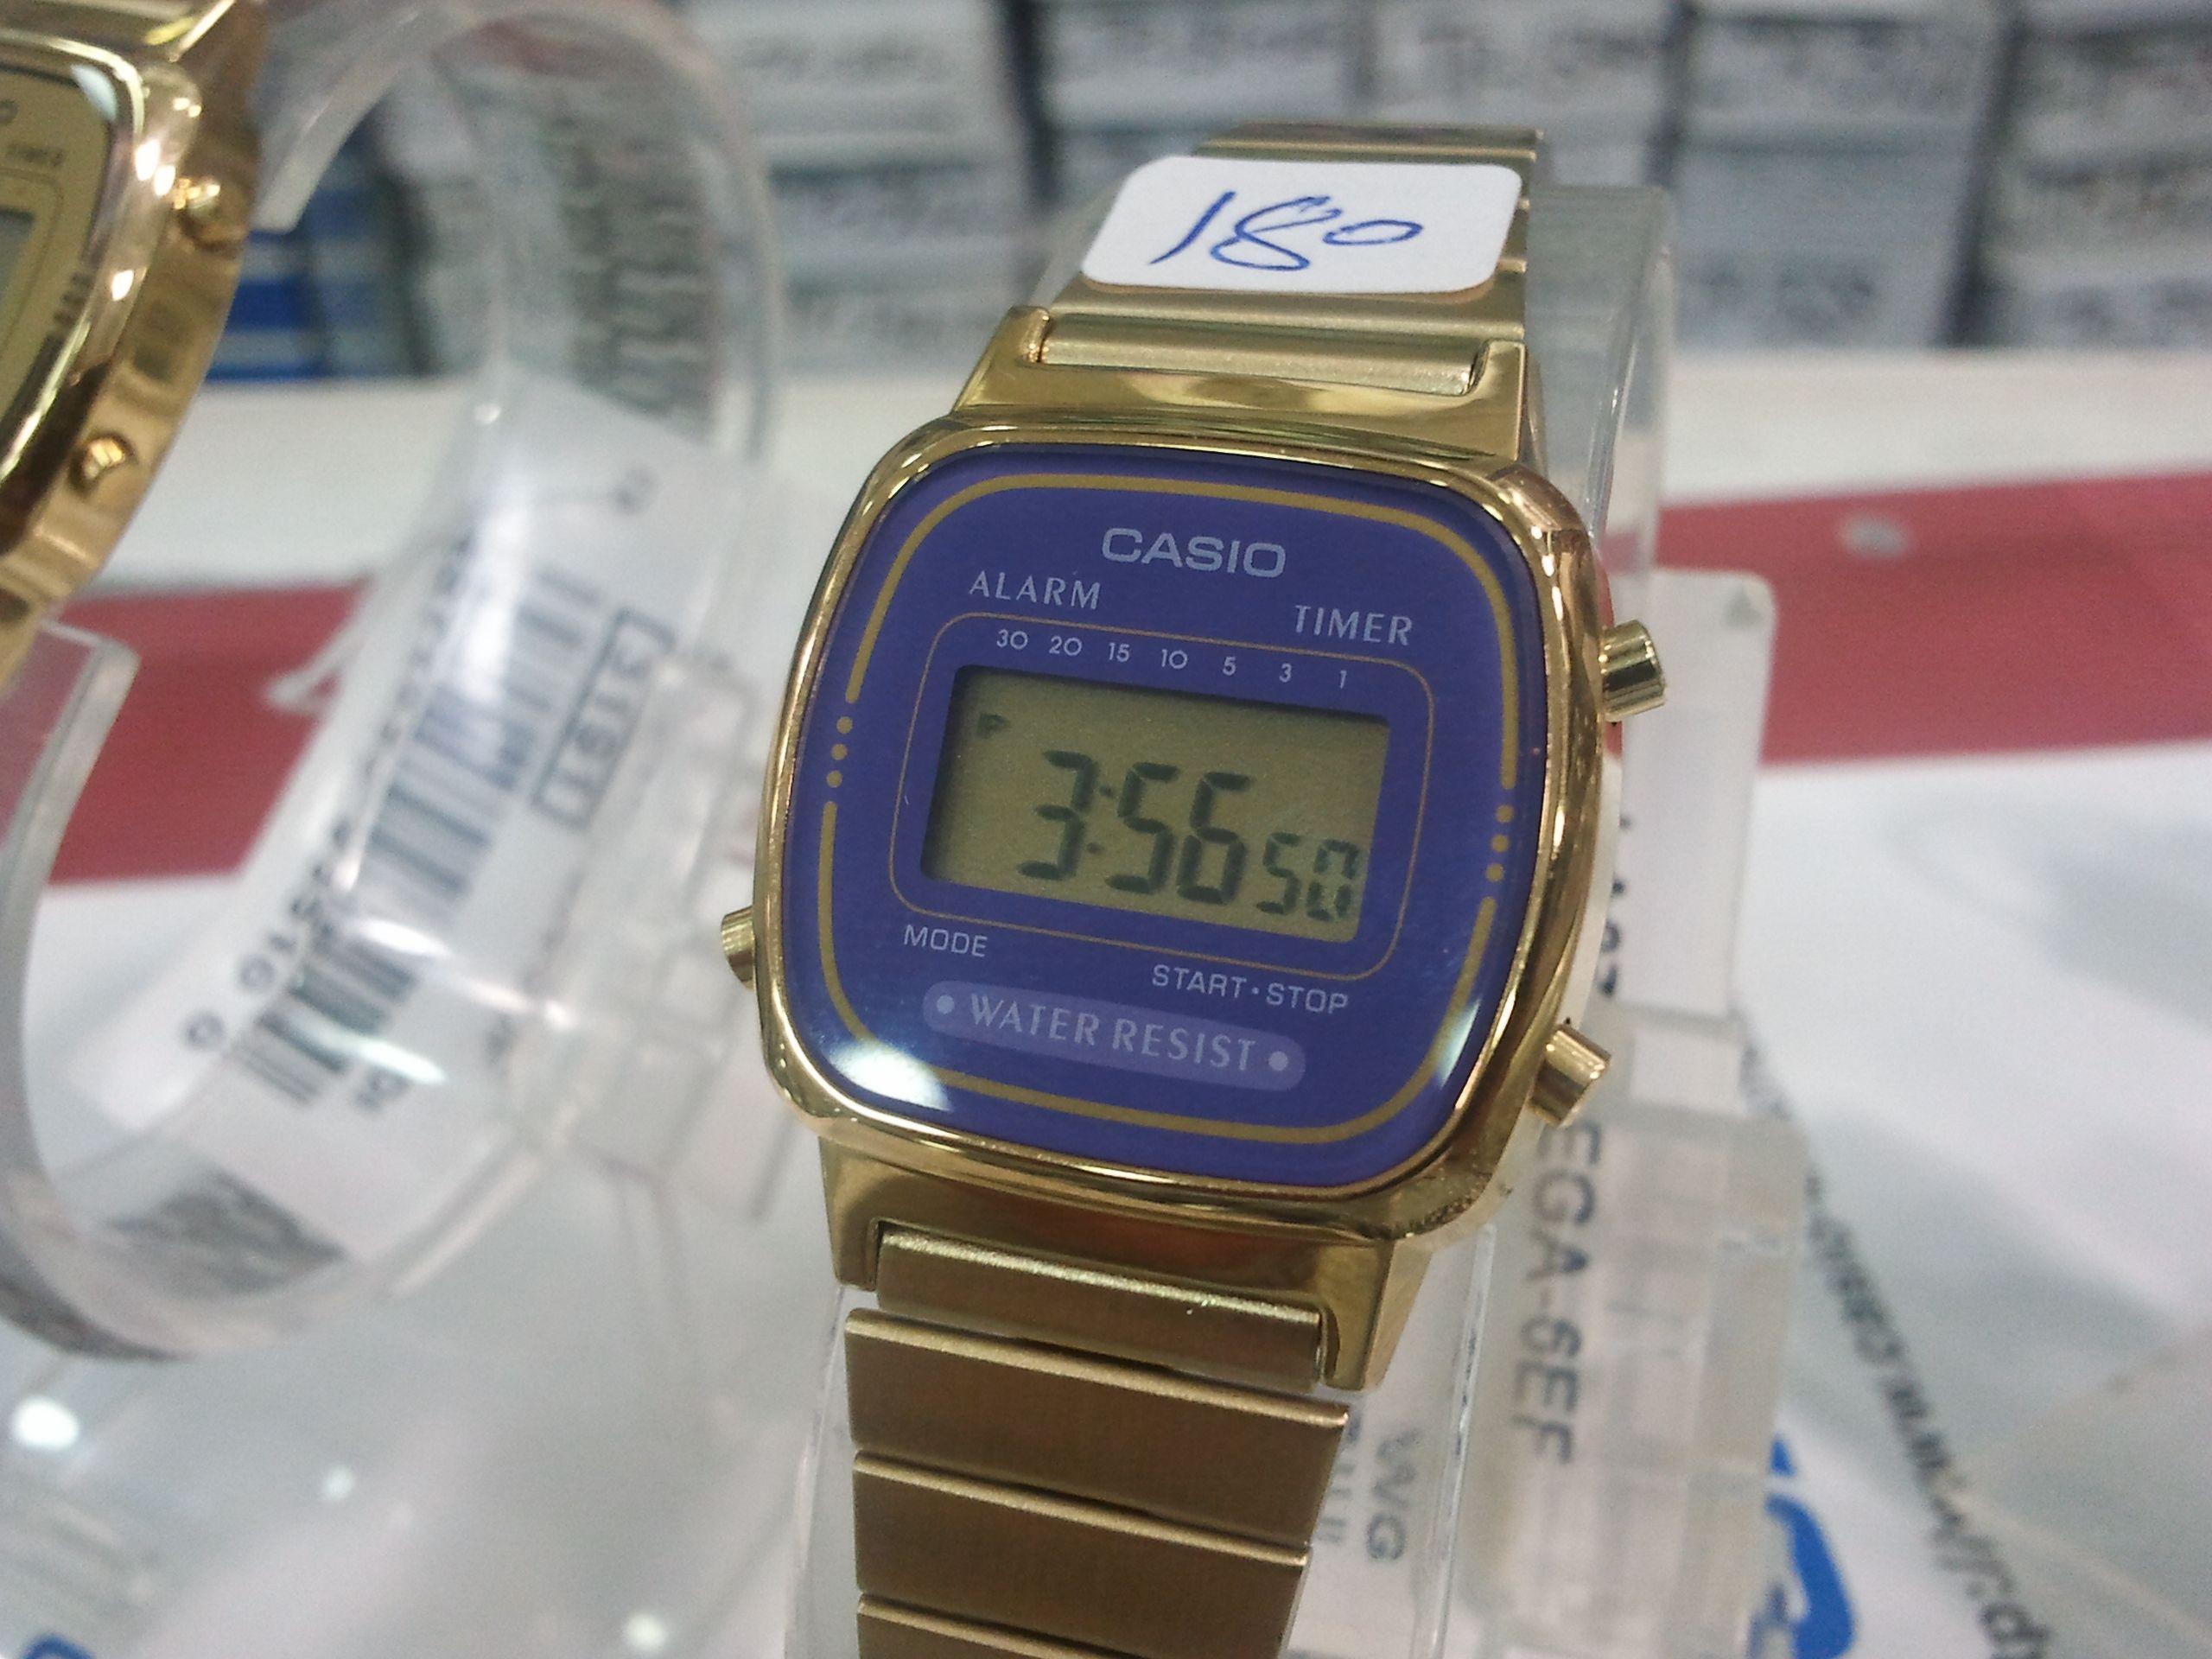 ساعة كاسيو الاصلي ضمان من الوكيل السعر 180 وللجملة اسعار خاصة Casio Watch Casio Timer